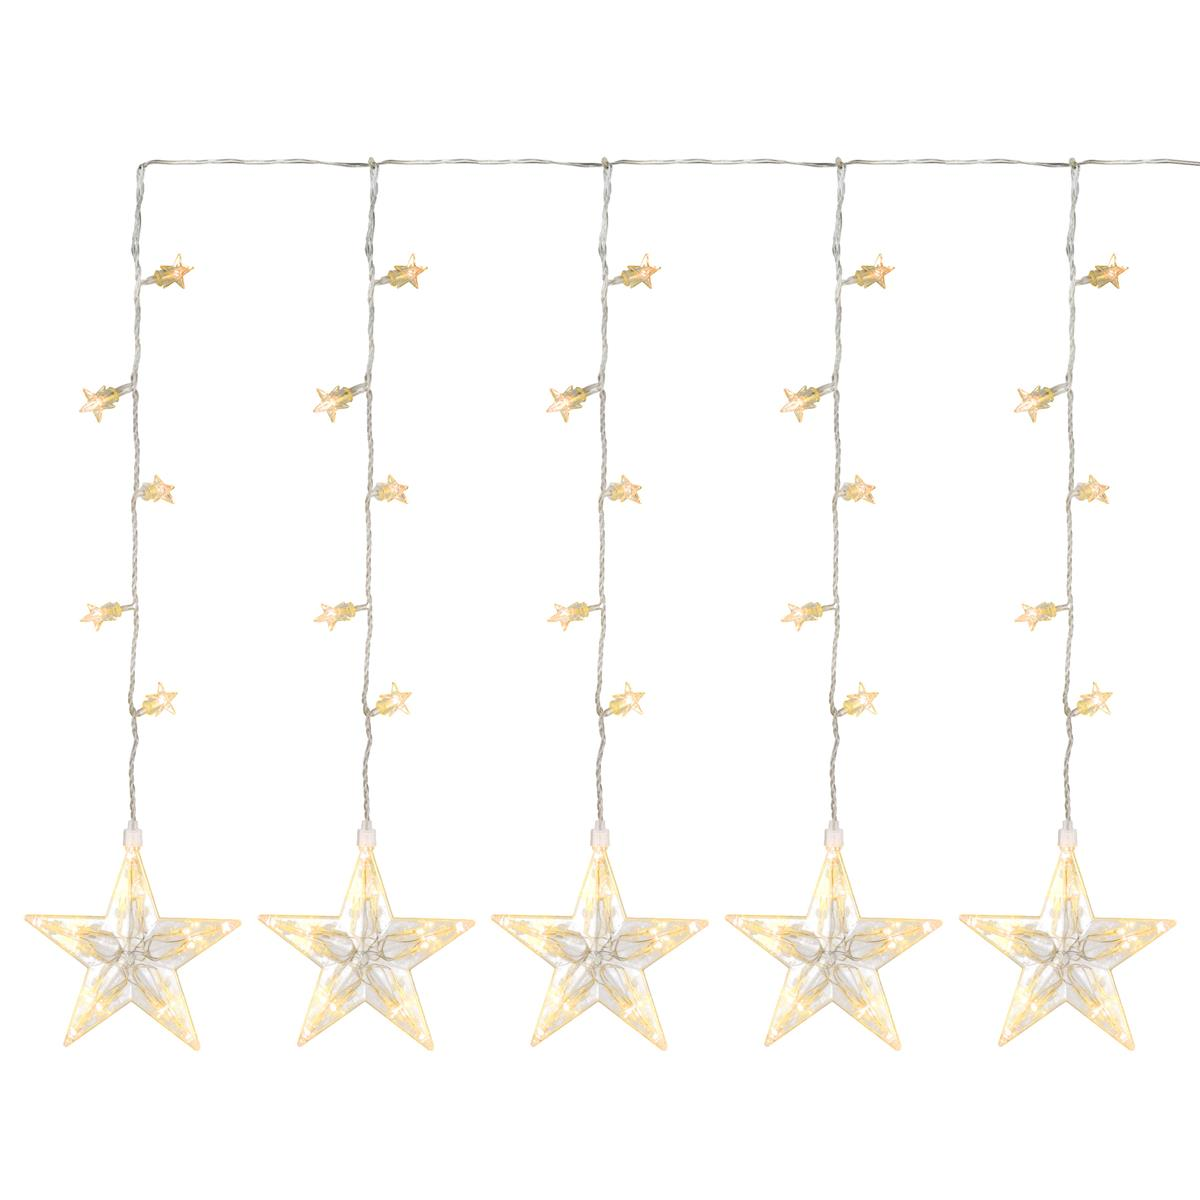 100 LED Sternenvorhang Lichterkette warm weiß Sterne Trafo Weihnachtsbeleuchtung